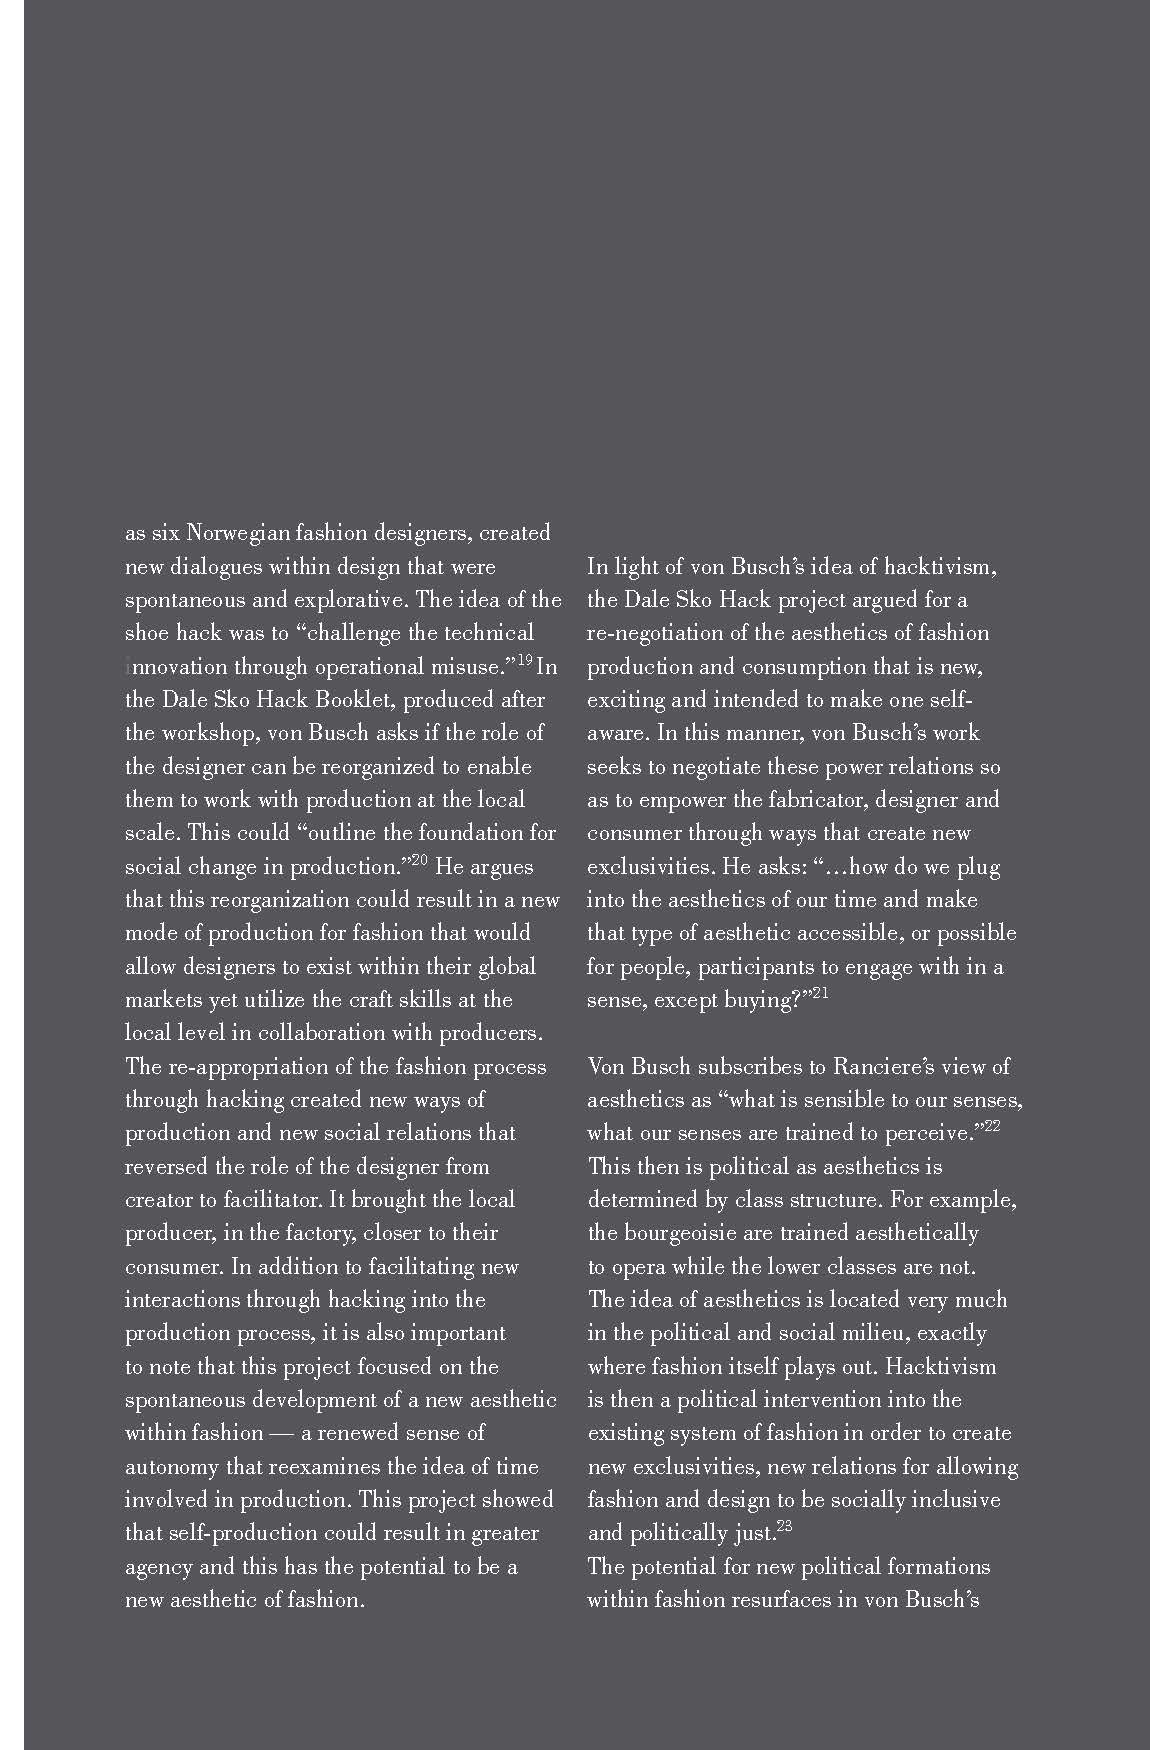 Otto Von Busch- REMAKING ROADS TO AGENCY_Page_5